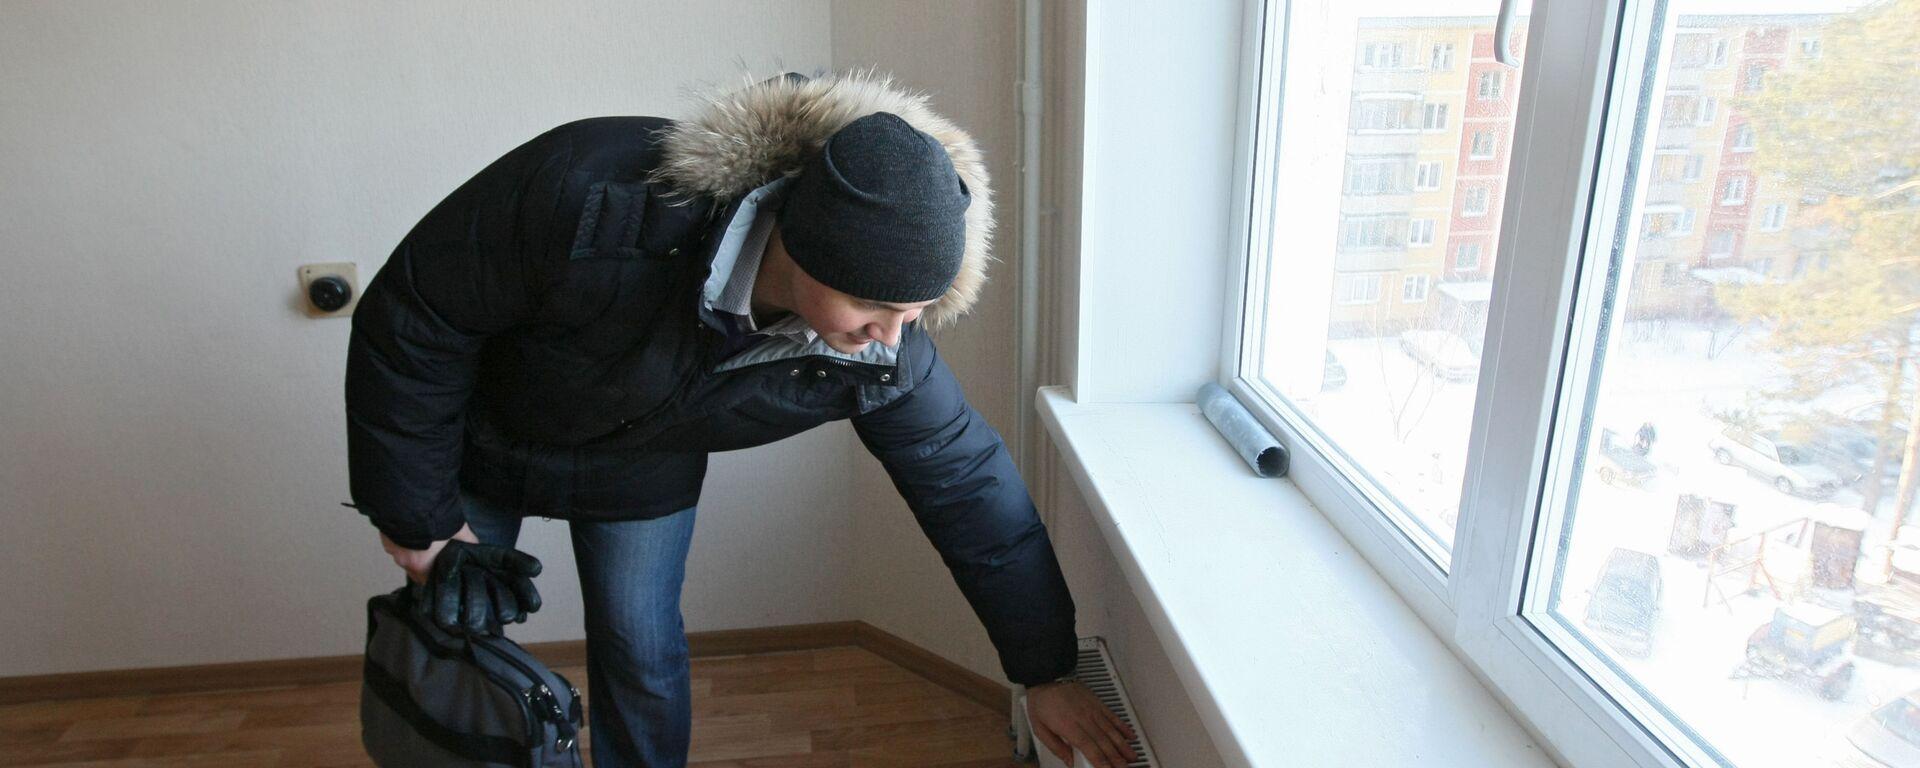 Мужчина проверяет систему отопления - Sputnik Latvija, 1920, 18.02.2021